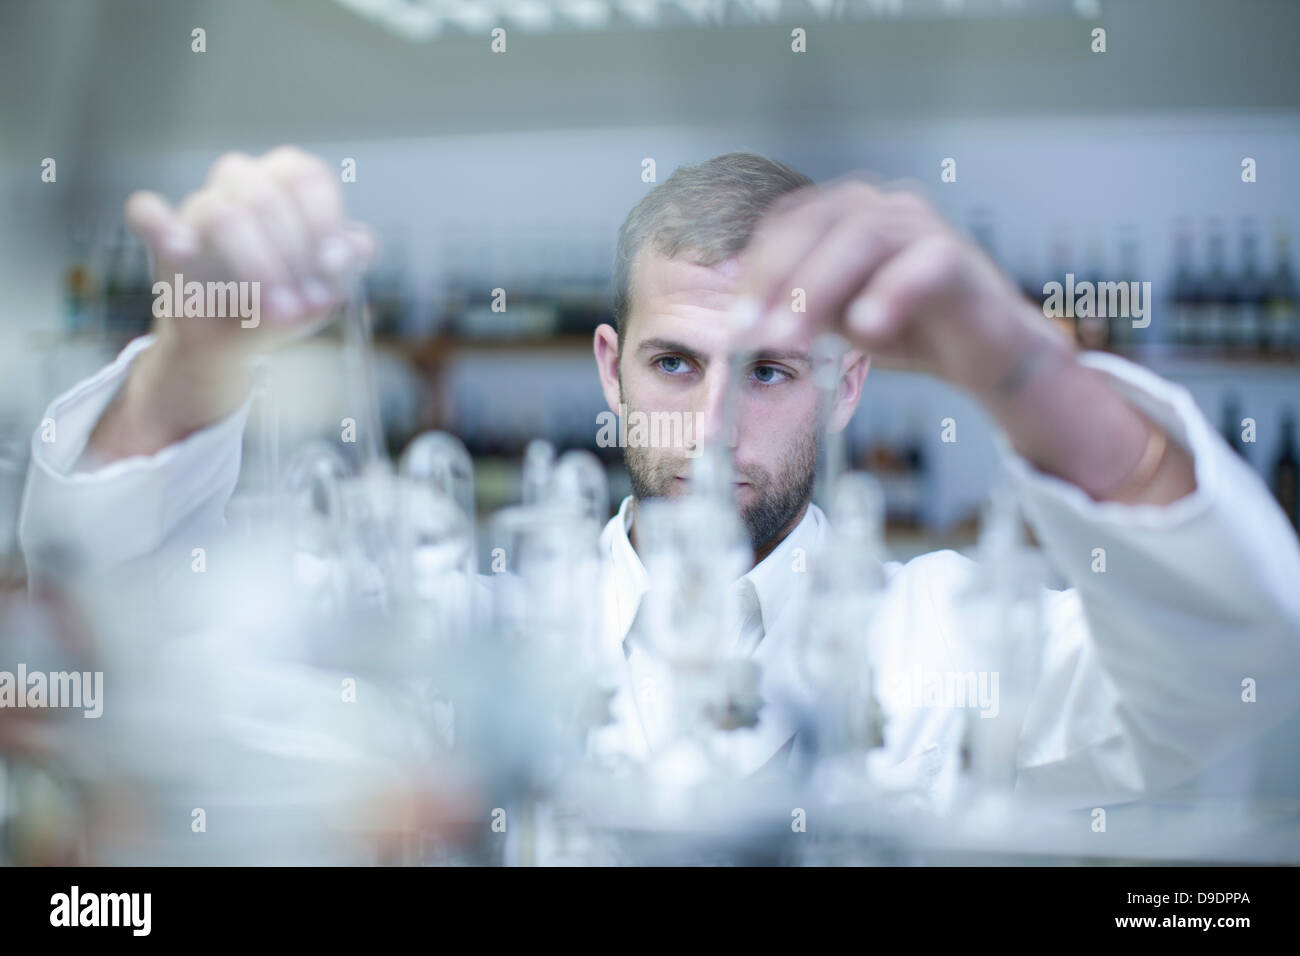 Enólogo mezclando durante las pruebas de muestra en el laboratorio Imagen De Stock